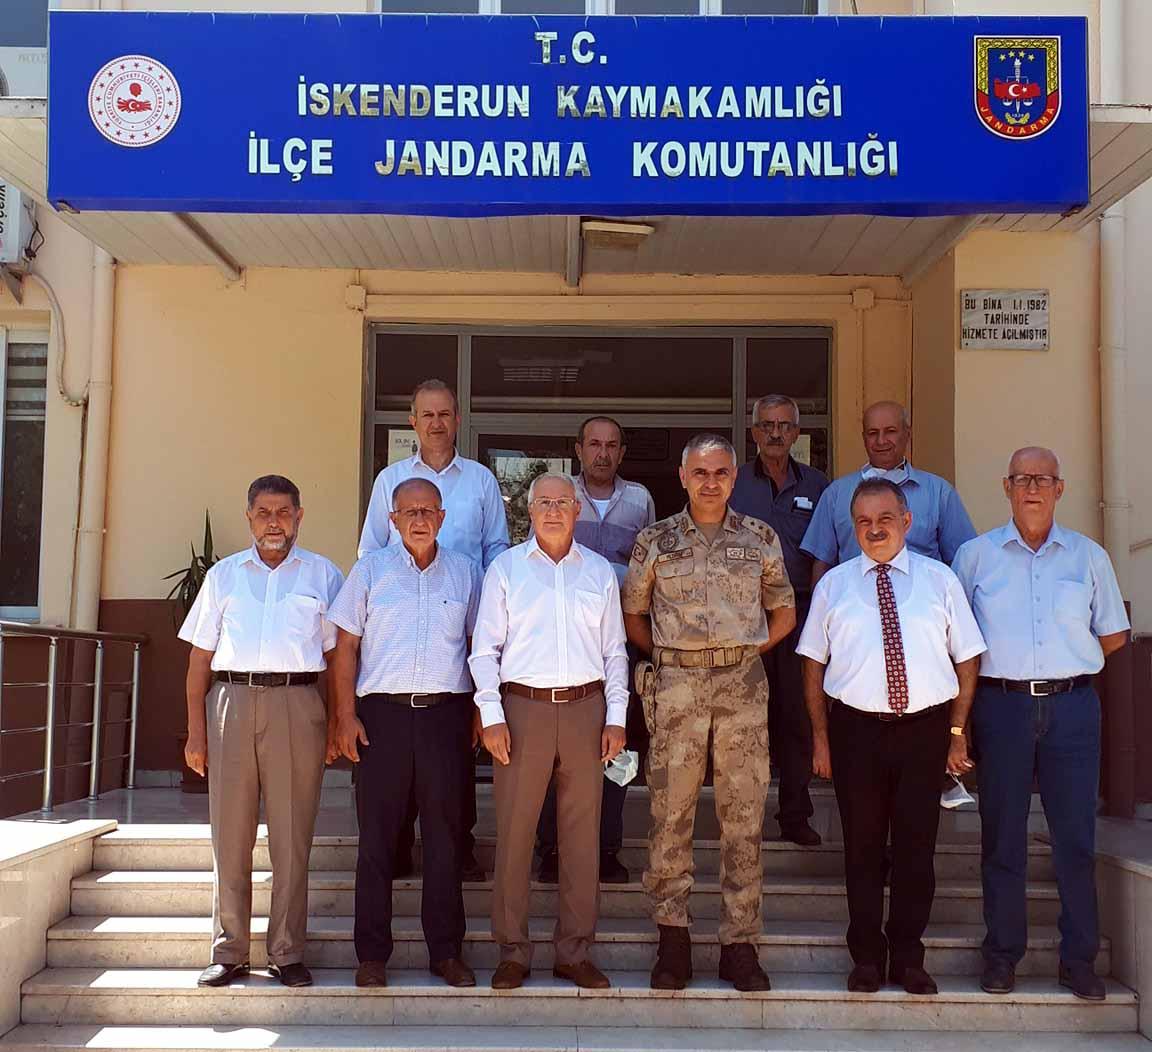 Esnaf Oda Başkanlarından İlçe Jandarma Komutanı Yüzbaşı Yıldırım'a Hayırlı Olsun Ziyareti